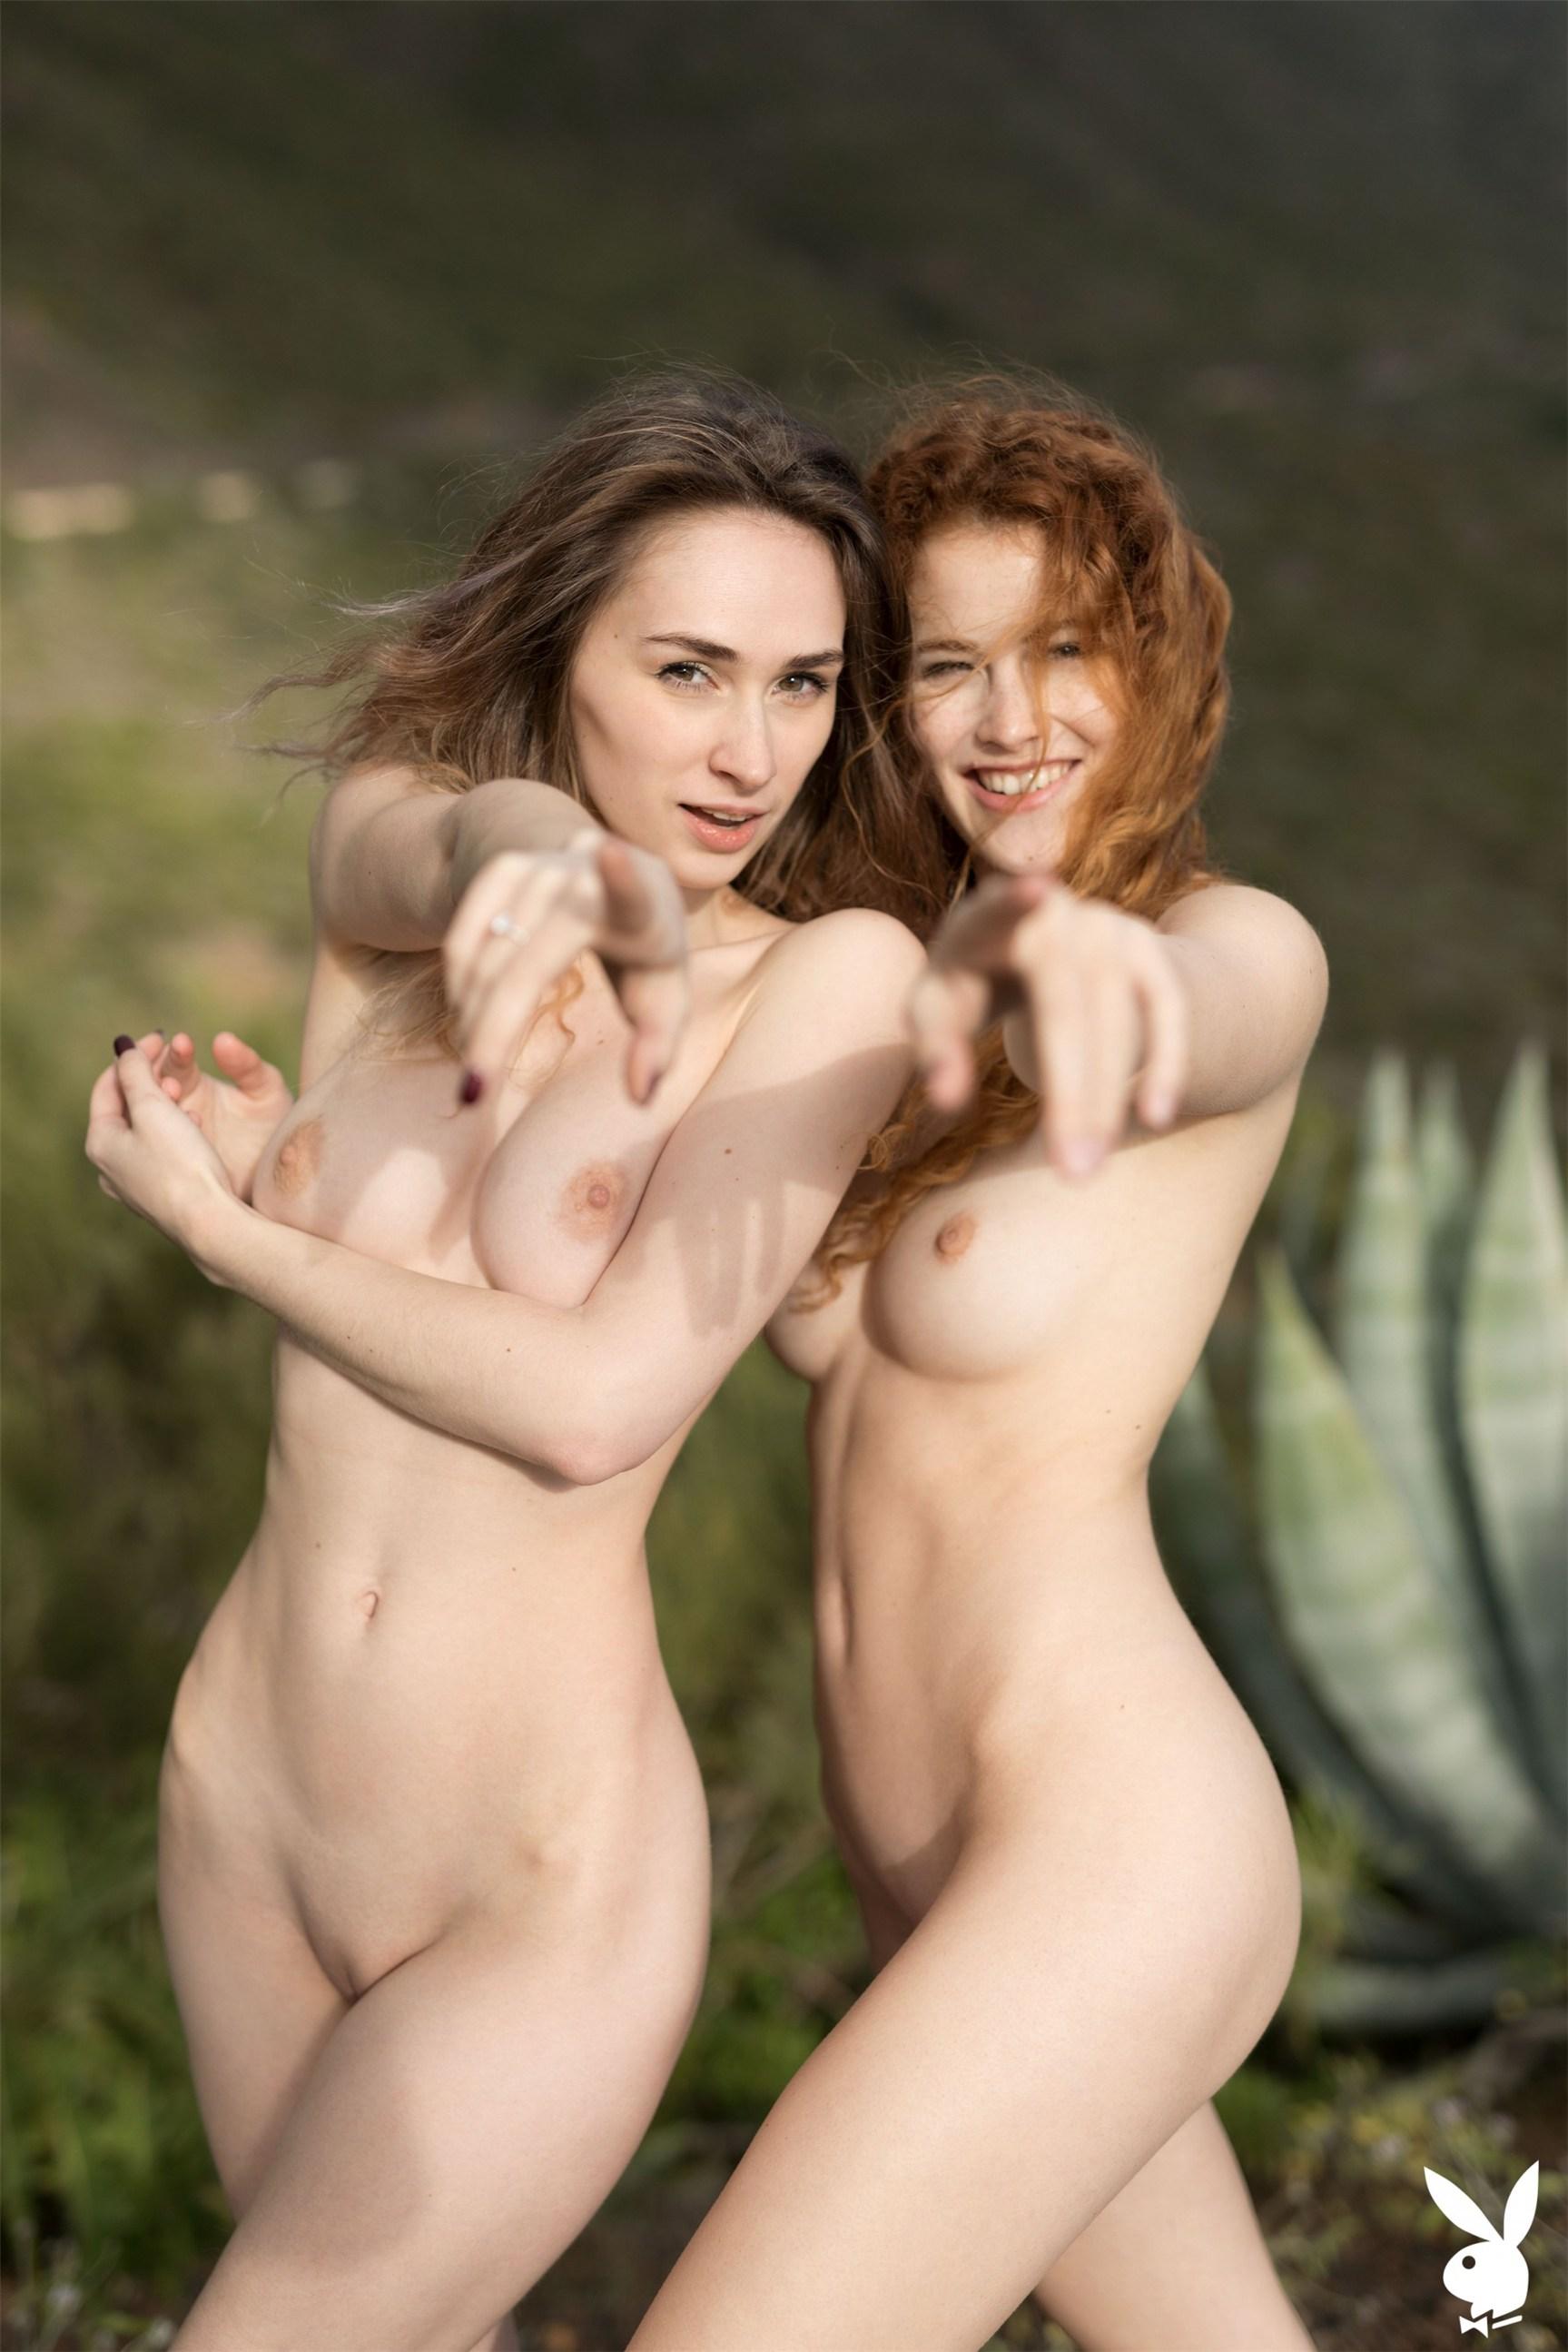 Stunning Snapshots / Heidi Romanova and Yana West by Henrik Pfeifer / PlayboyPlus